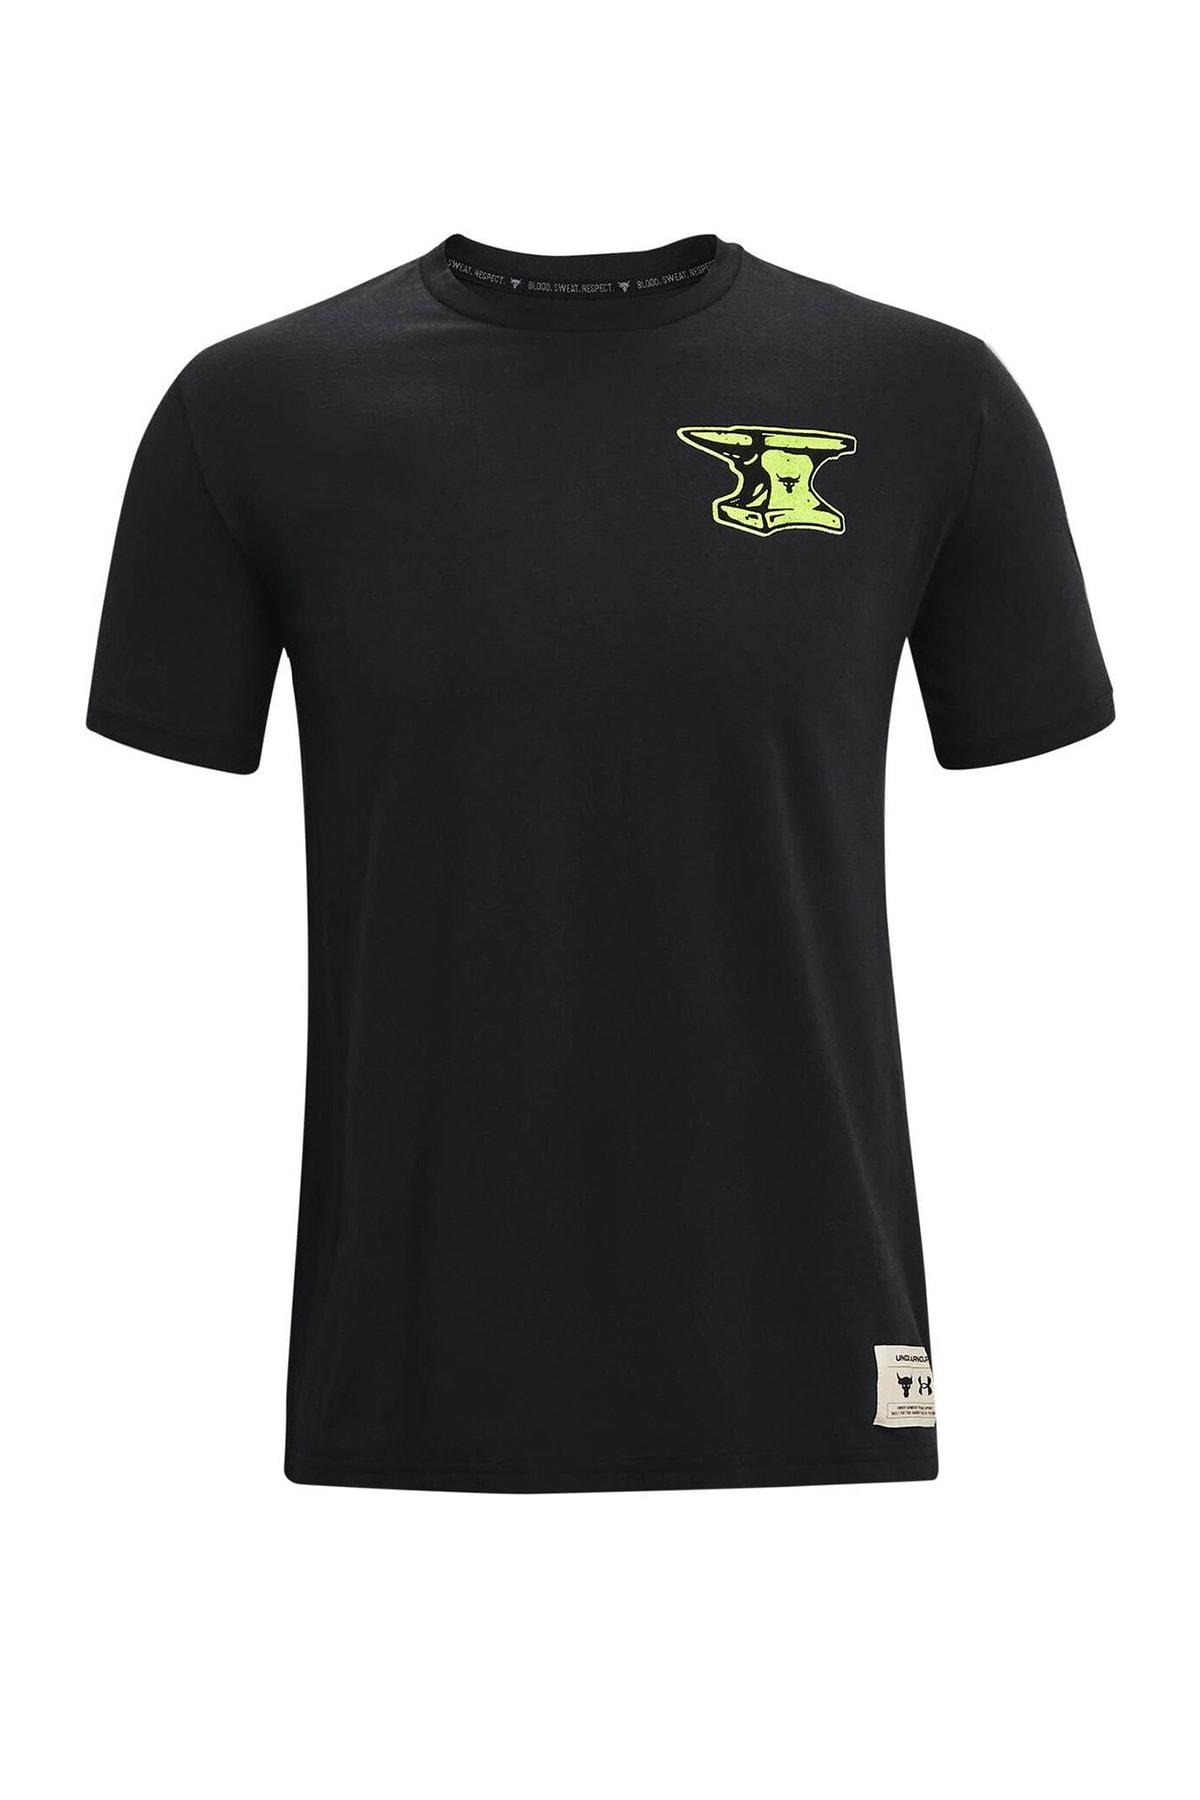 Under Armour Erkek Spor T-Shirt - UA Pjt Rock Wrecking Crew SS - 1361725-001